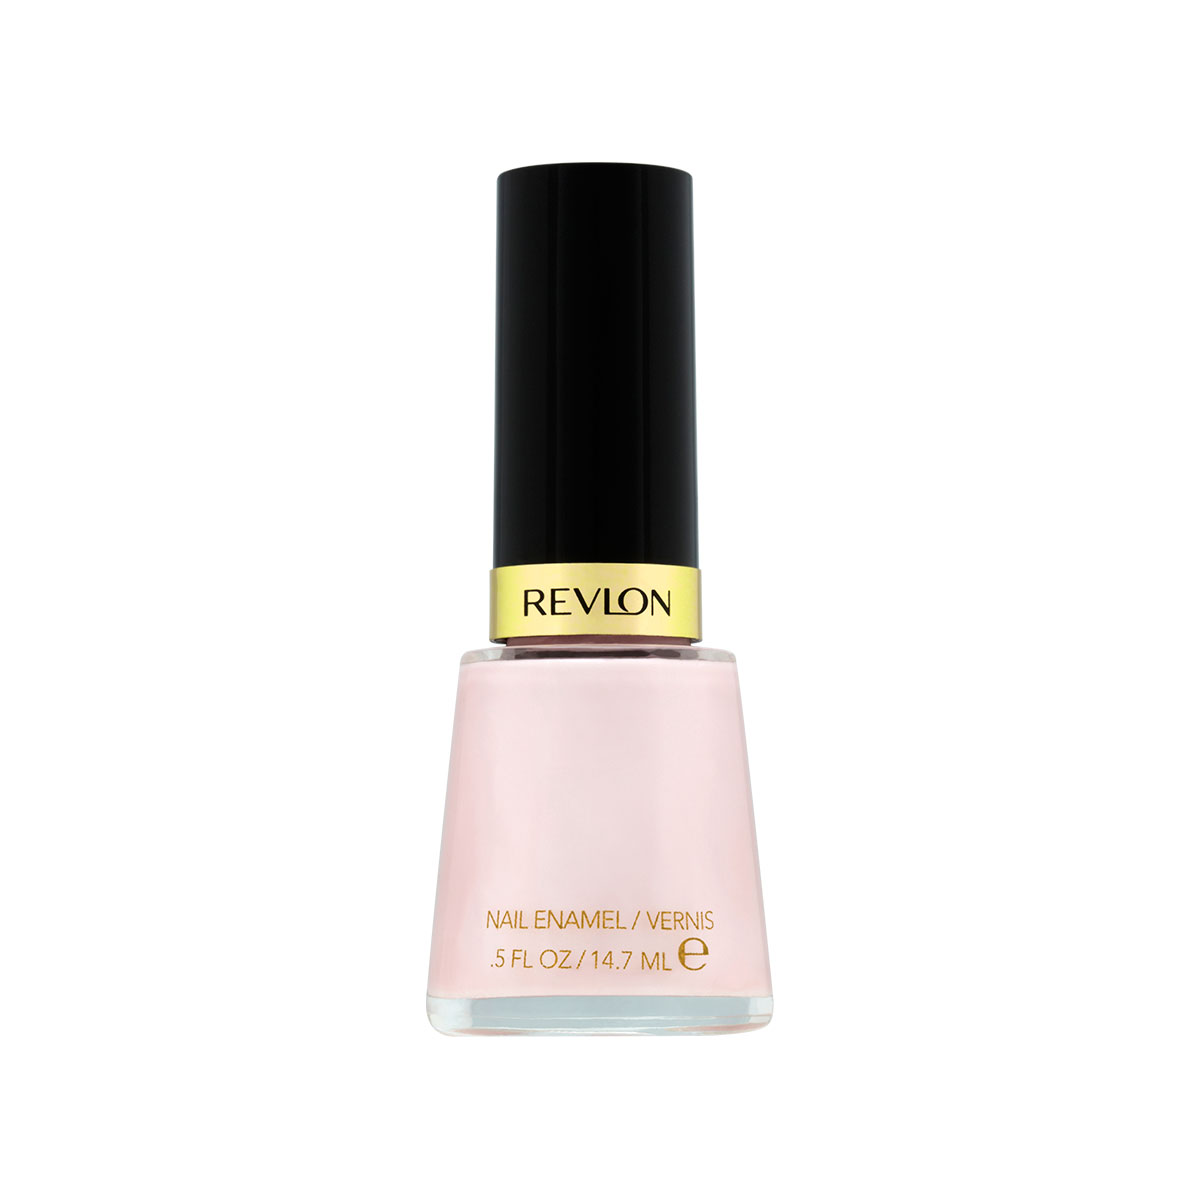 Revlon Лак для Ногтей Core Nail Enamel Frostiest pink 970, 14,7 мл7213167059Лак для ногтей Revlon предлагается в широком выборе модных, стойких цветов. Лак обеспечивает гладкое и блестящее покрытие. Без дибутилфталата, толуола и формальдегида. Запатентованная формула с содержанием шелка и силикона обеспечивает слой шелковых протеинов и защитный силиконовый слой, что моментально выравнивает поверхность ногтя. Не оставляет пузырьков, бороздок или следов от кисточки.Аккуратно нанести аппликатором на ногти.